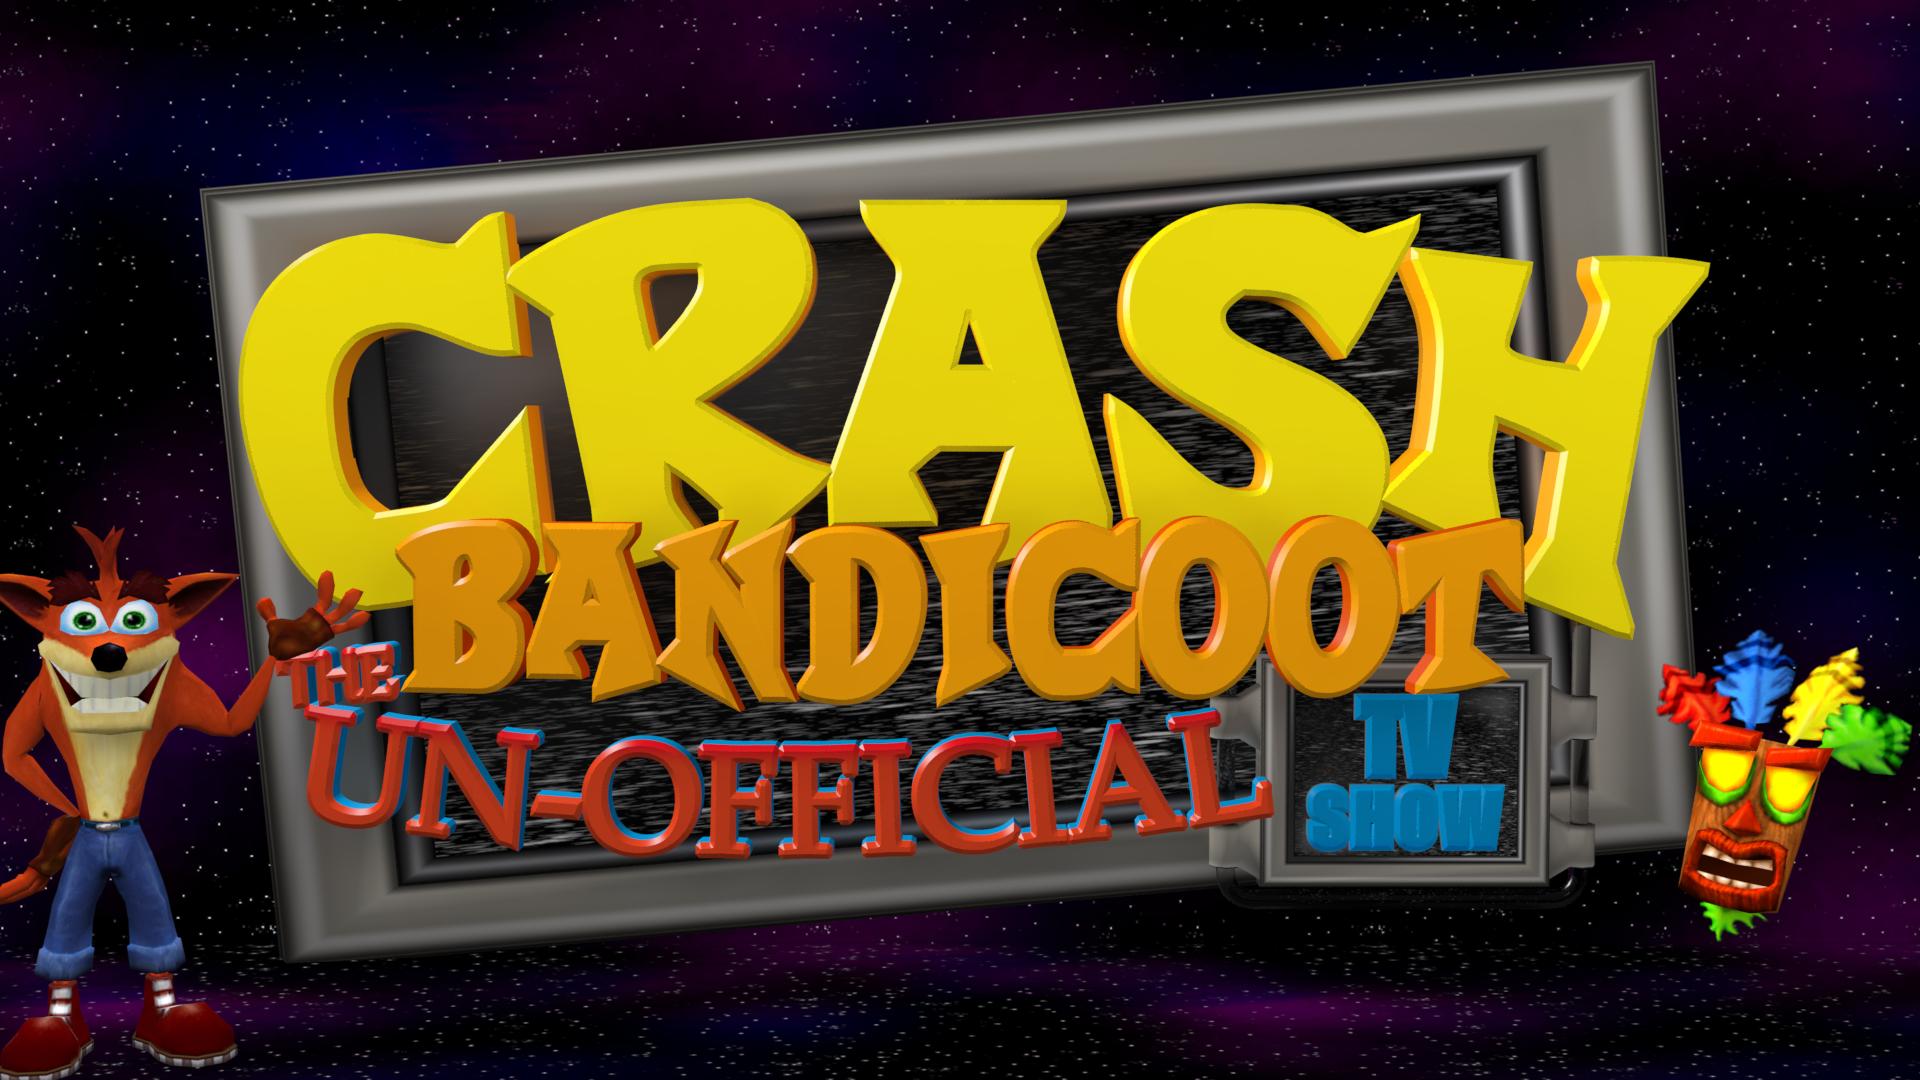 Crash Bandicoot The Un-Official TV Show